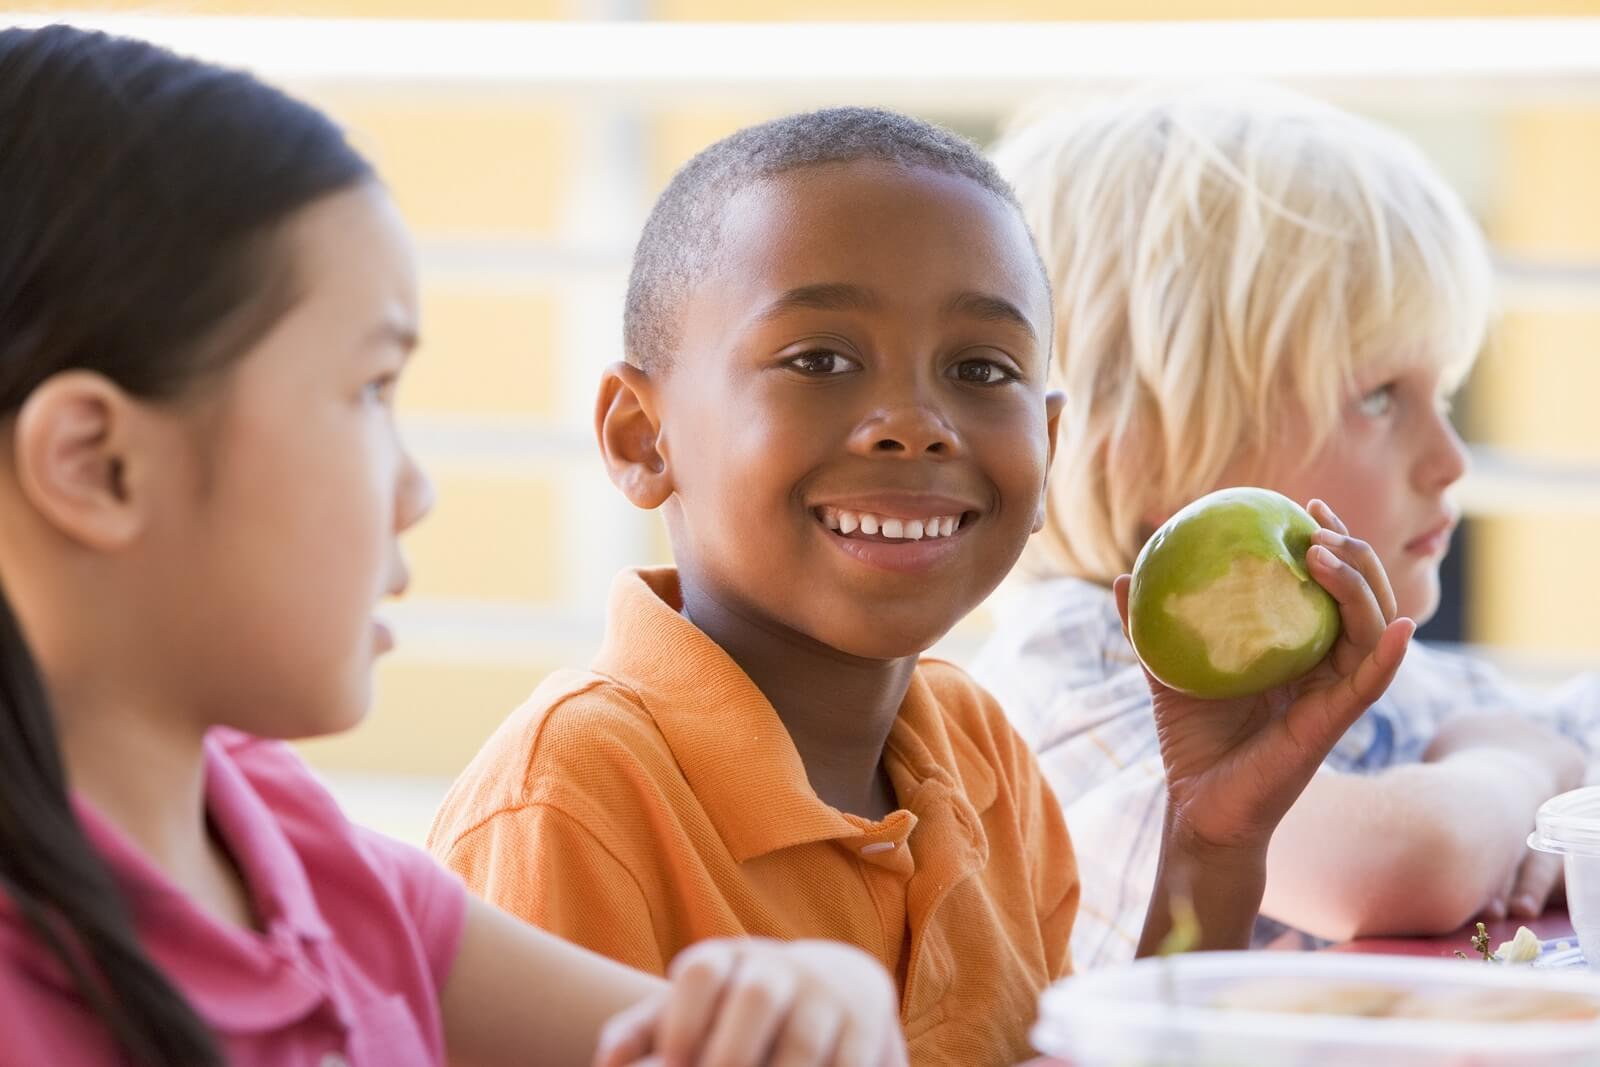 Un enfant avec une pomme croquée, une idée pour des goûters sains